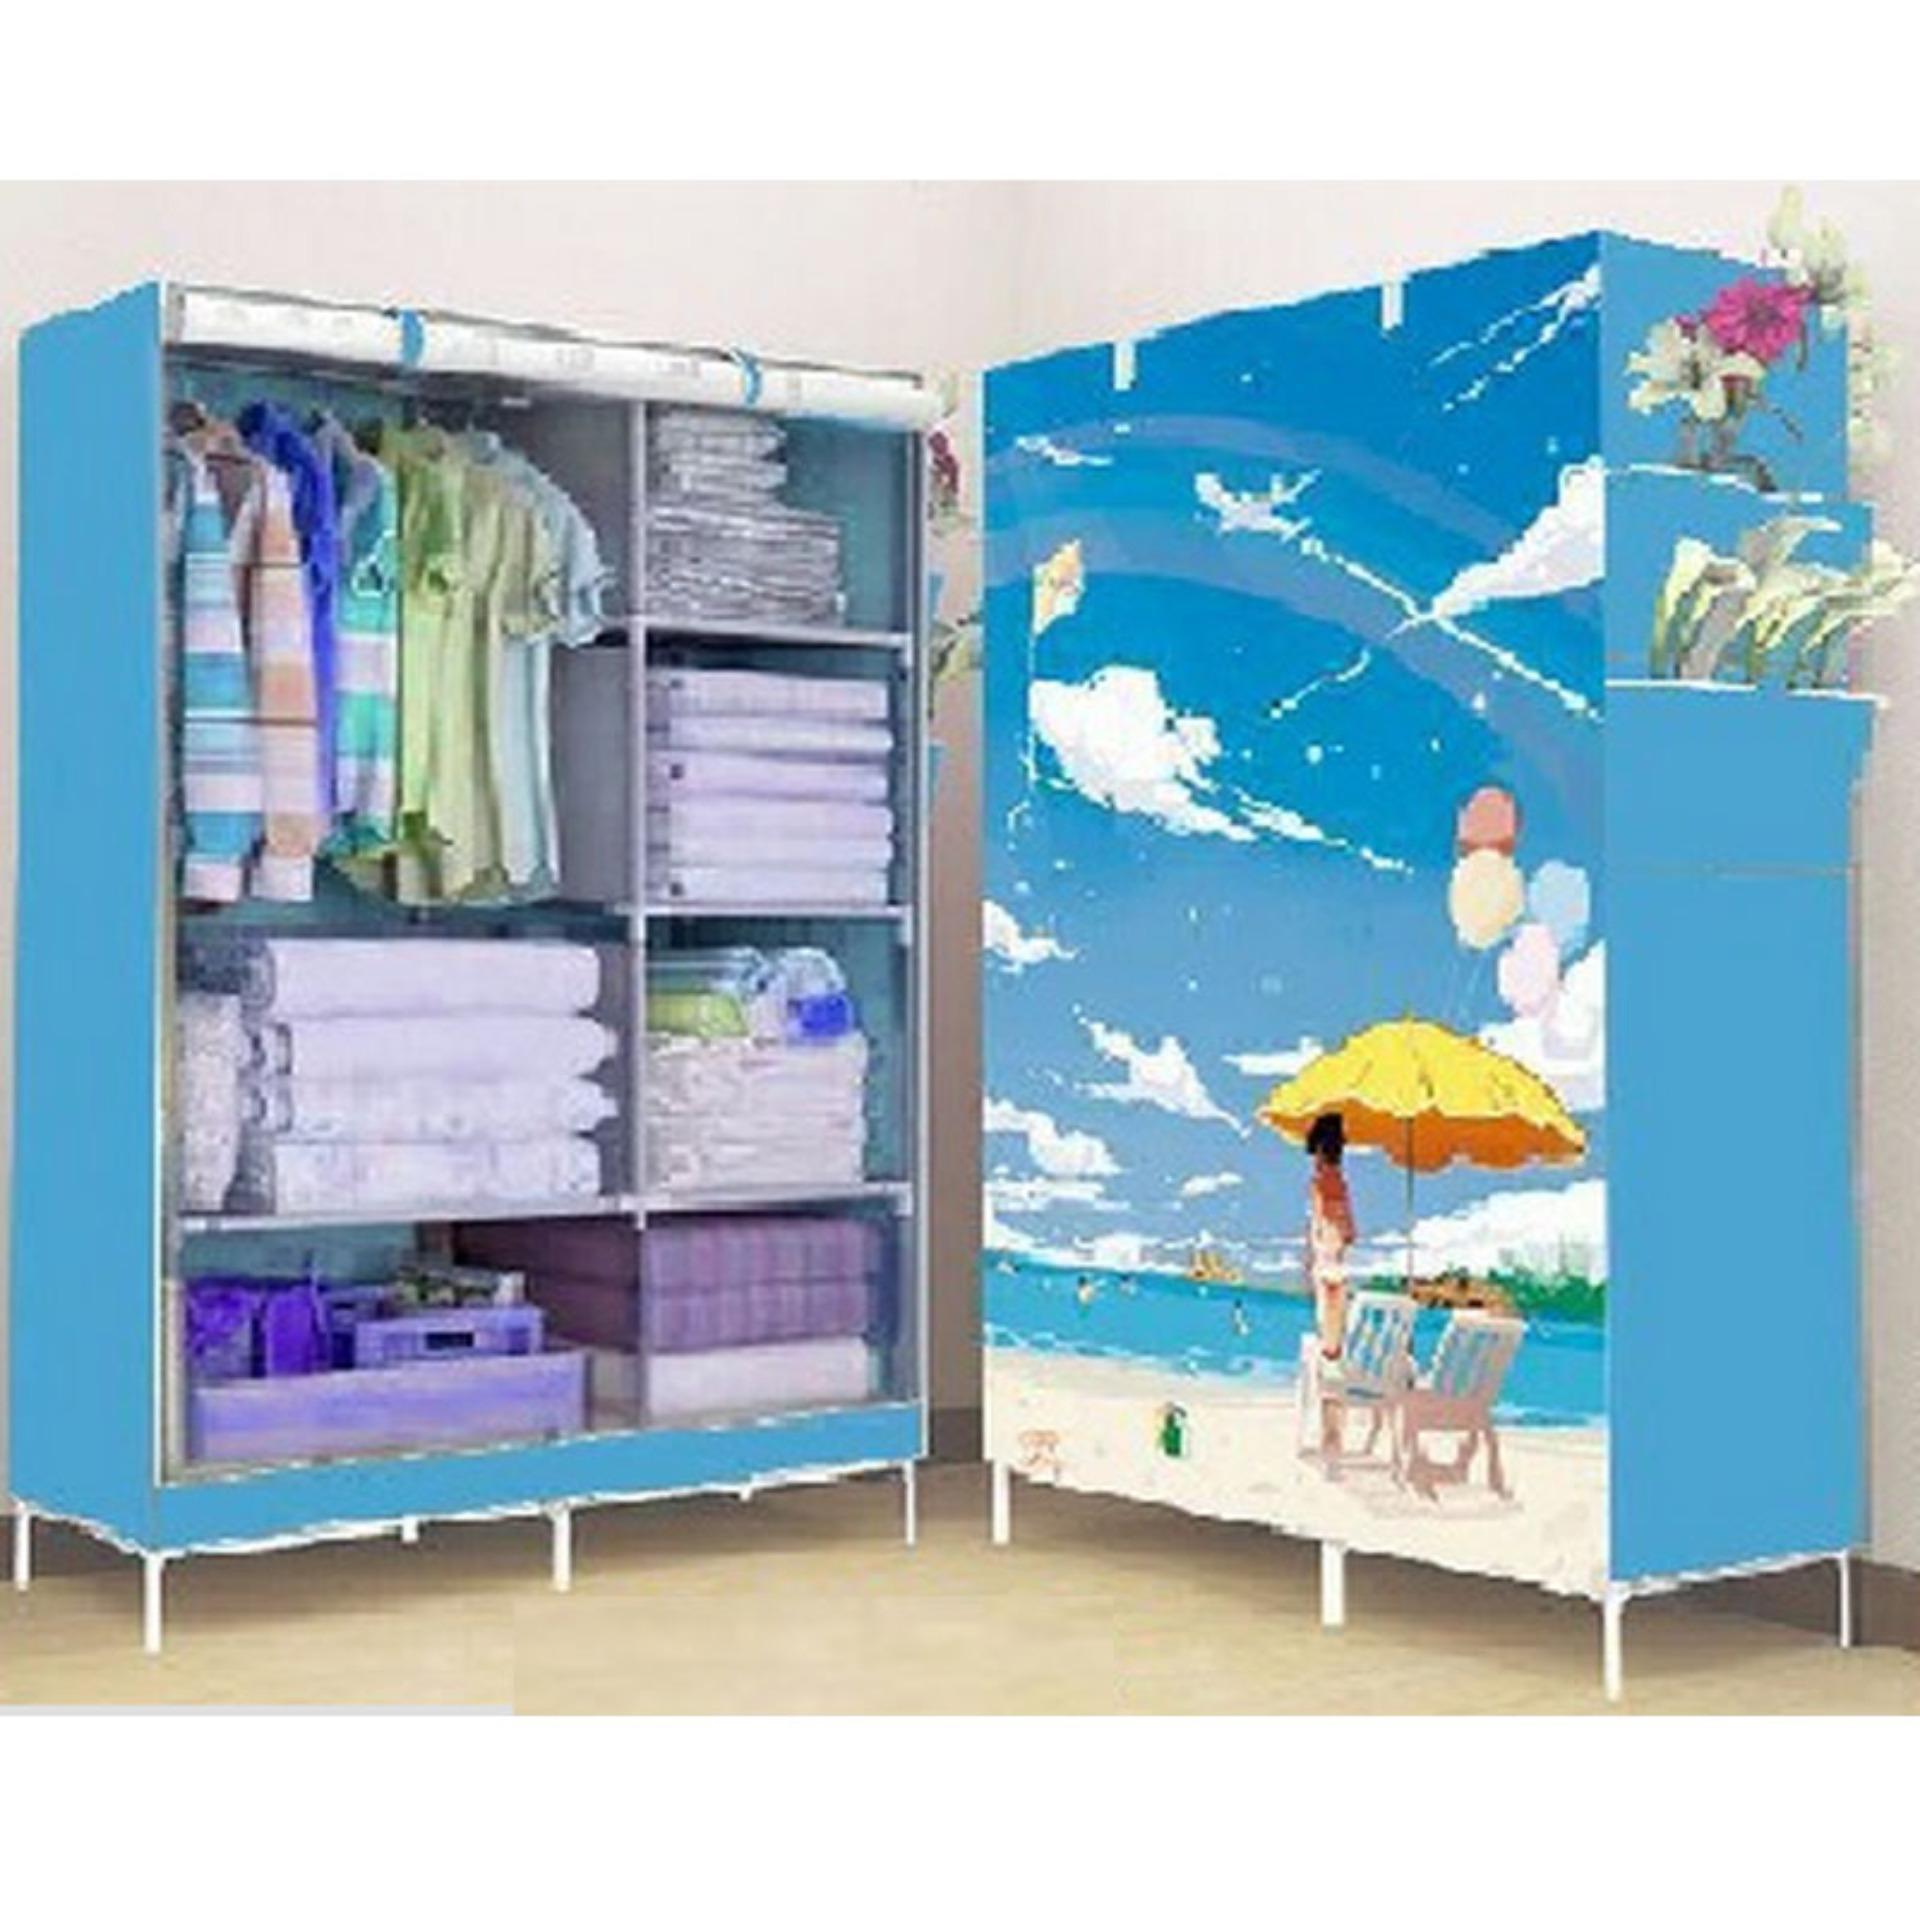 StarHome Lemari Pakaian Multifungsi dengan Tempat Gantungan Baju dan Penutup Debu - Lemari Portable Motif Pantai